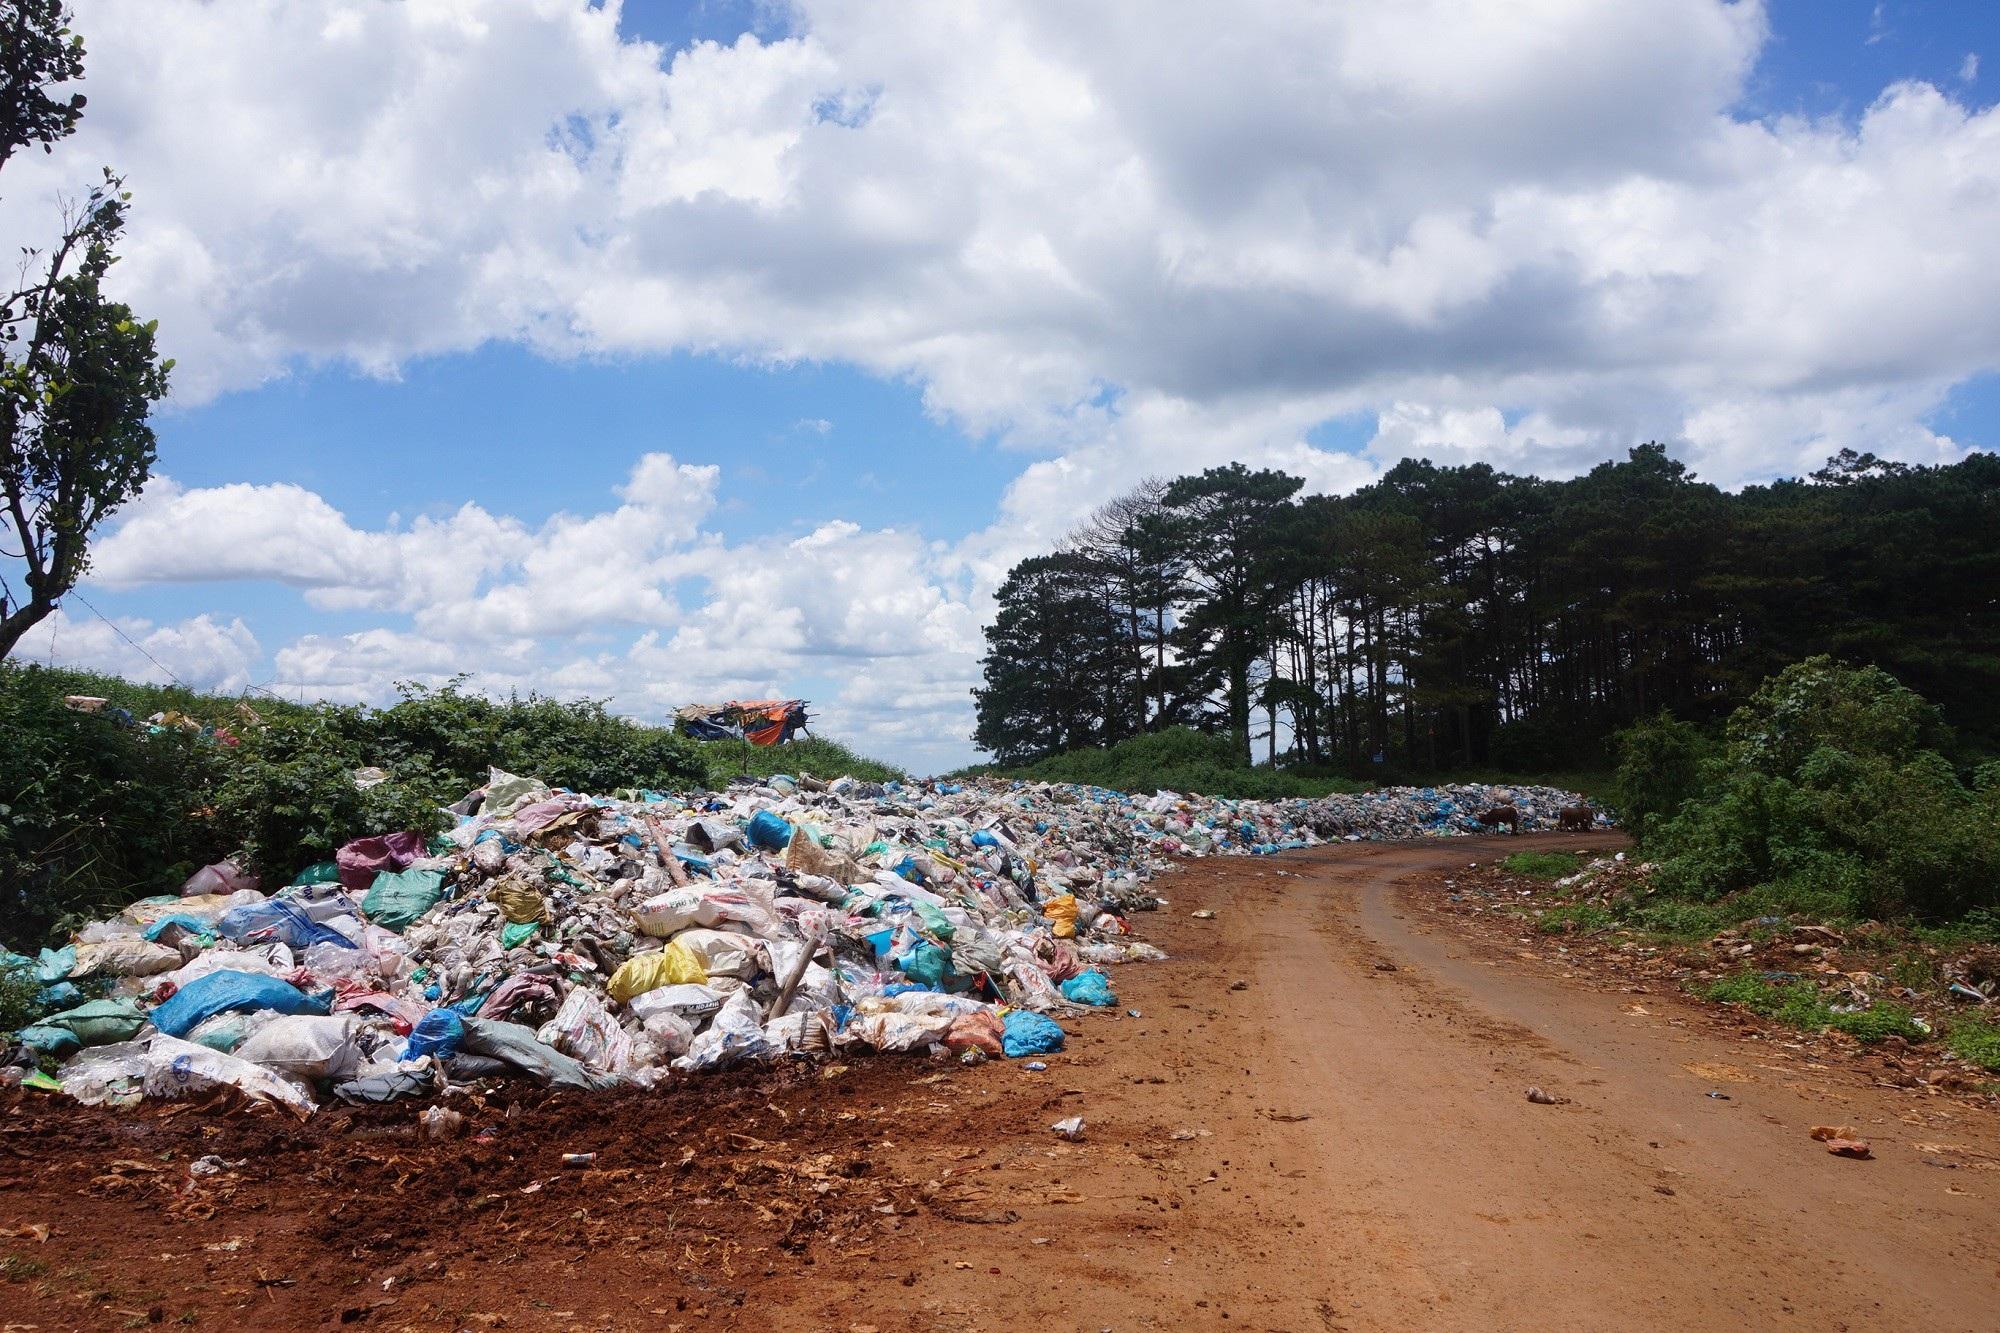 Đắk Nông: Bãi rác nhấn chìm cả đường đi, người dân bỏ của chạy lấy người! - Ảnh 3.